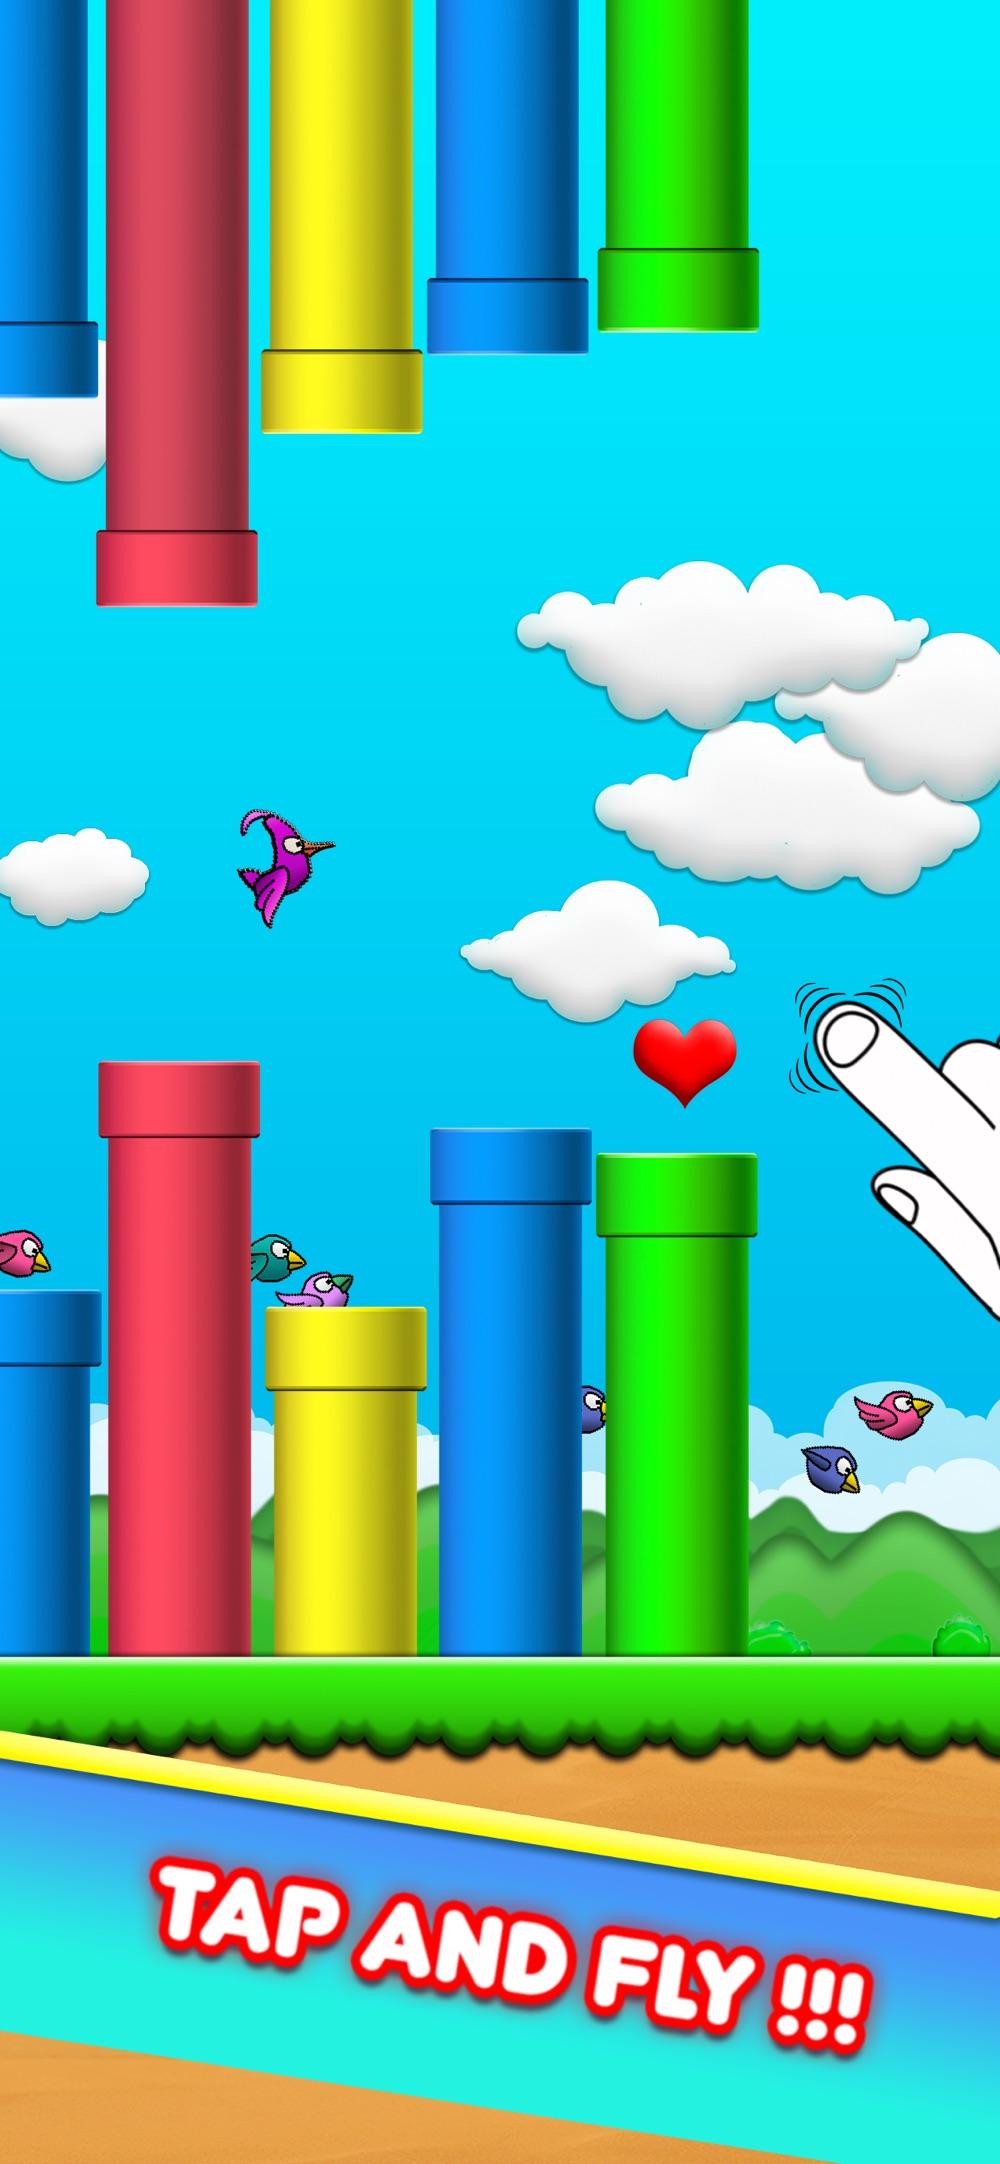 Game of Fun Birds - Cool Run hack tool